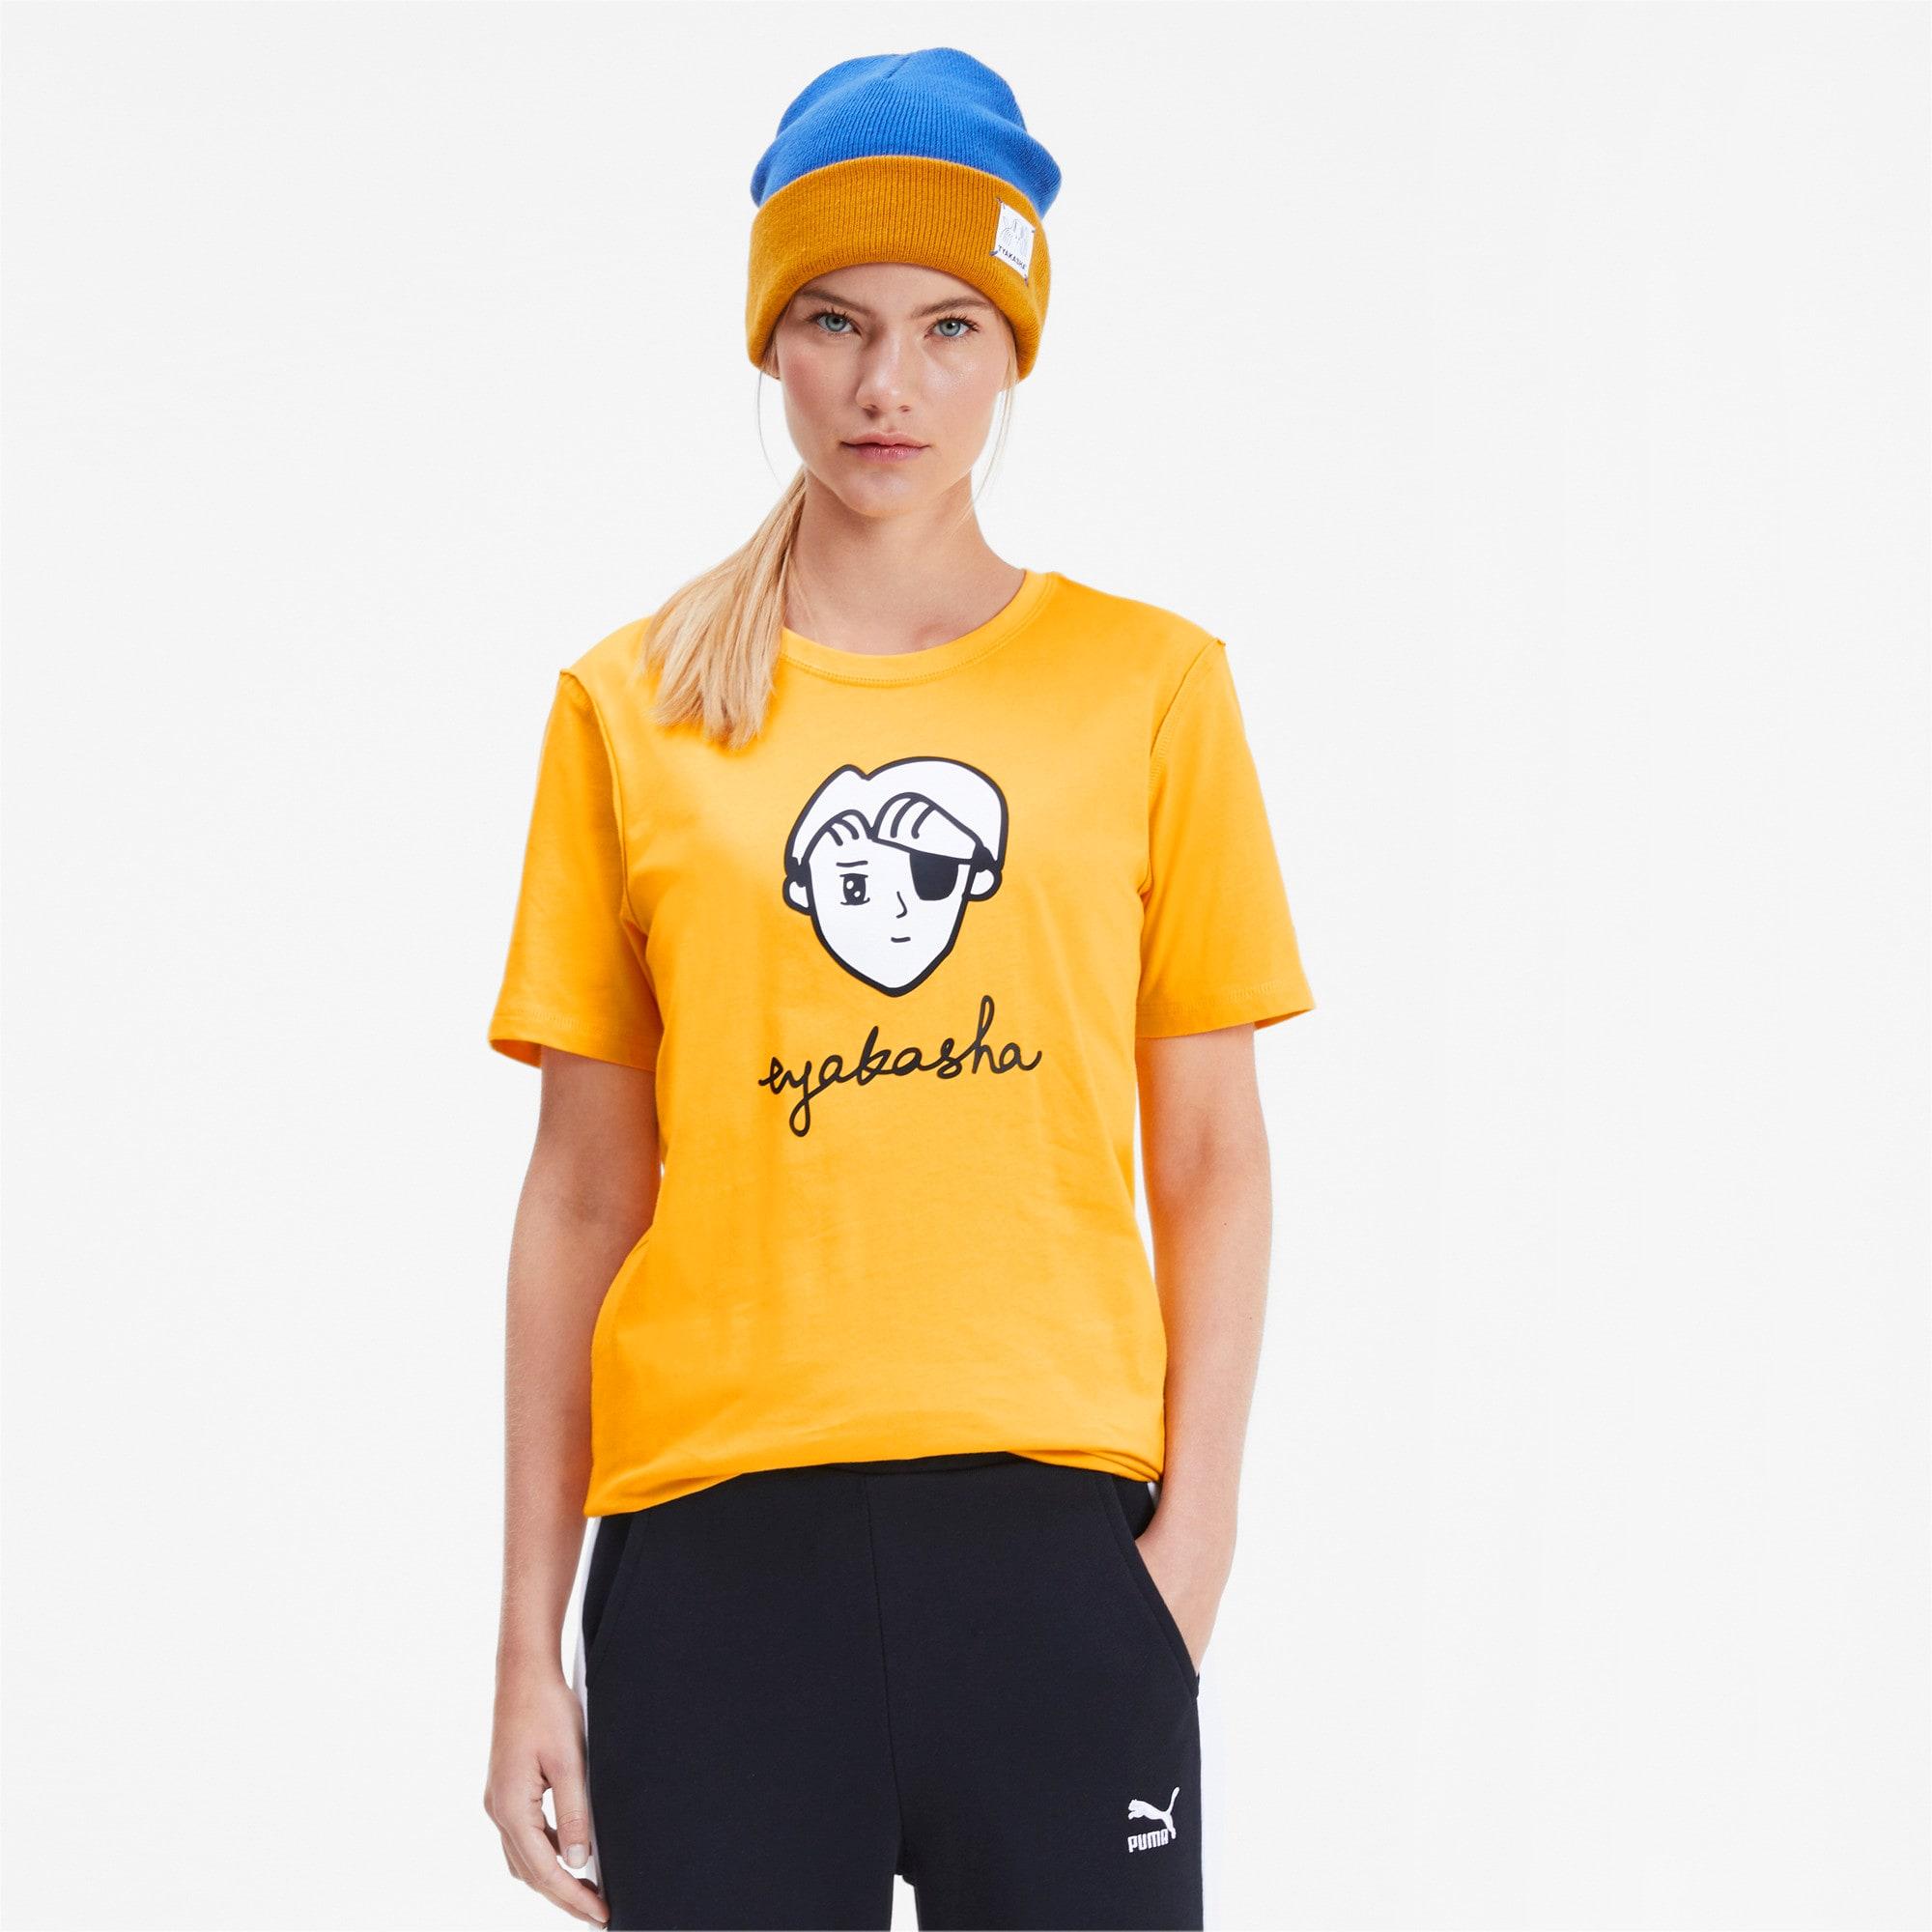 Thumbnail 2 of PUMA x TYAKASHA T-Shirt, Daffodil, medium